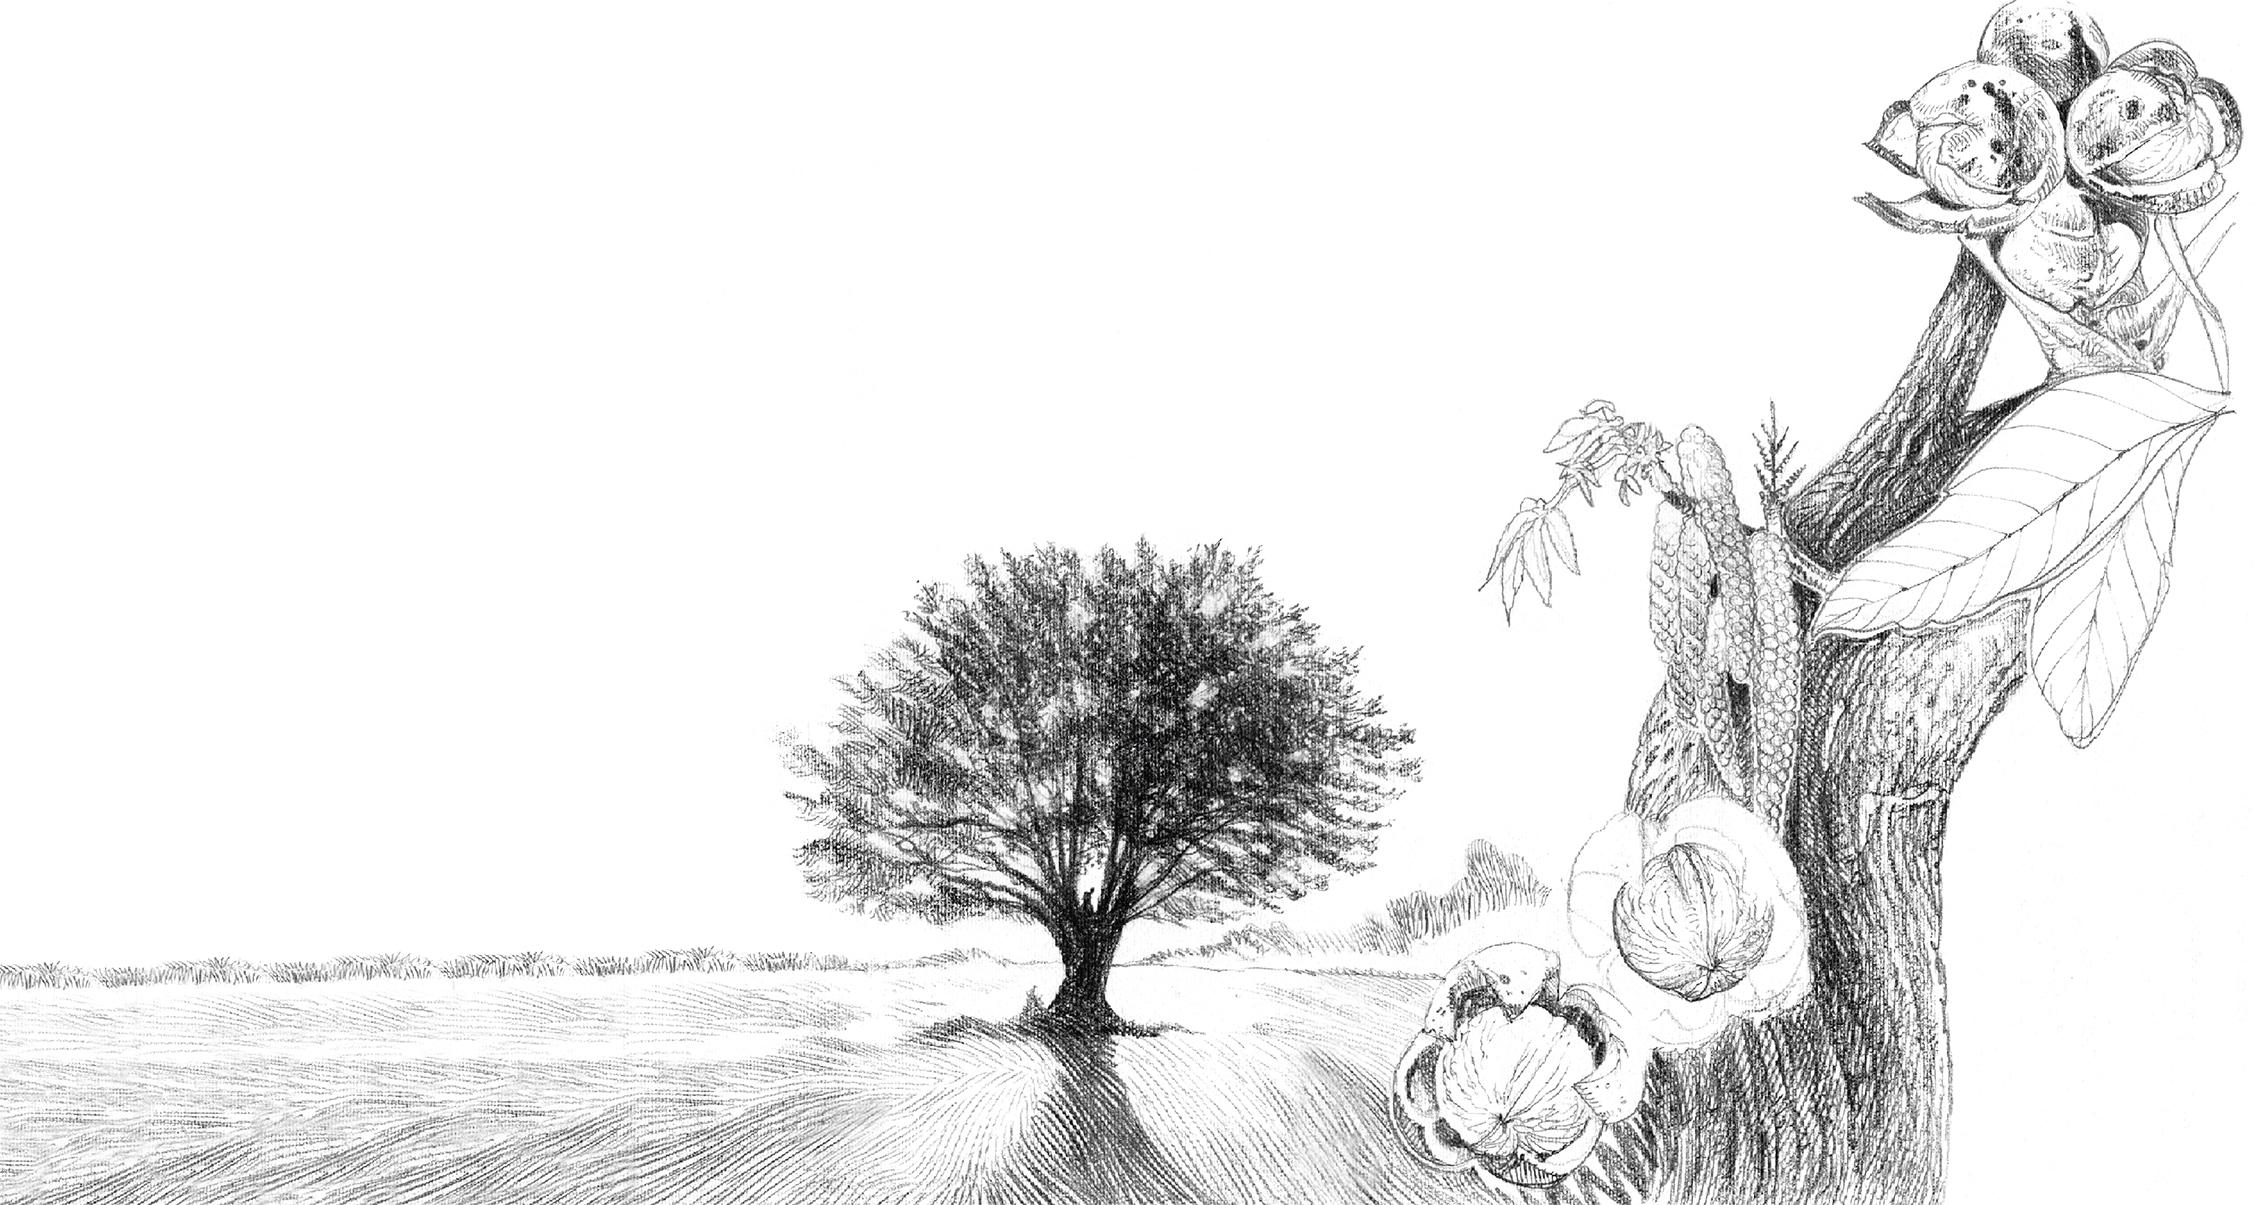 Um passeio no bosque, ilustração de Luca Salvagno